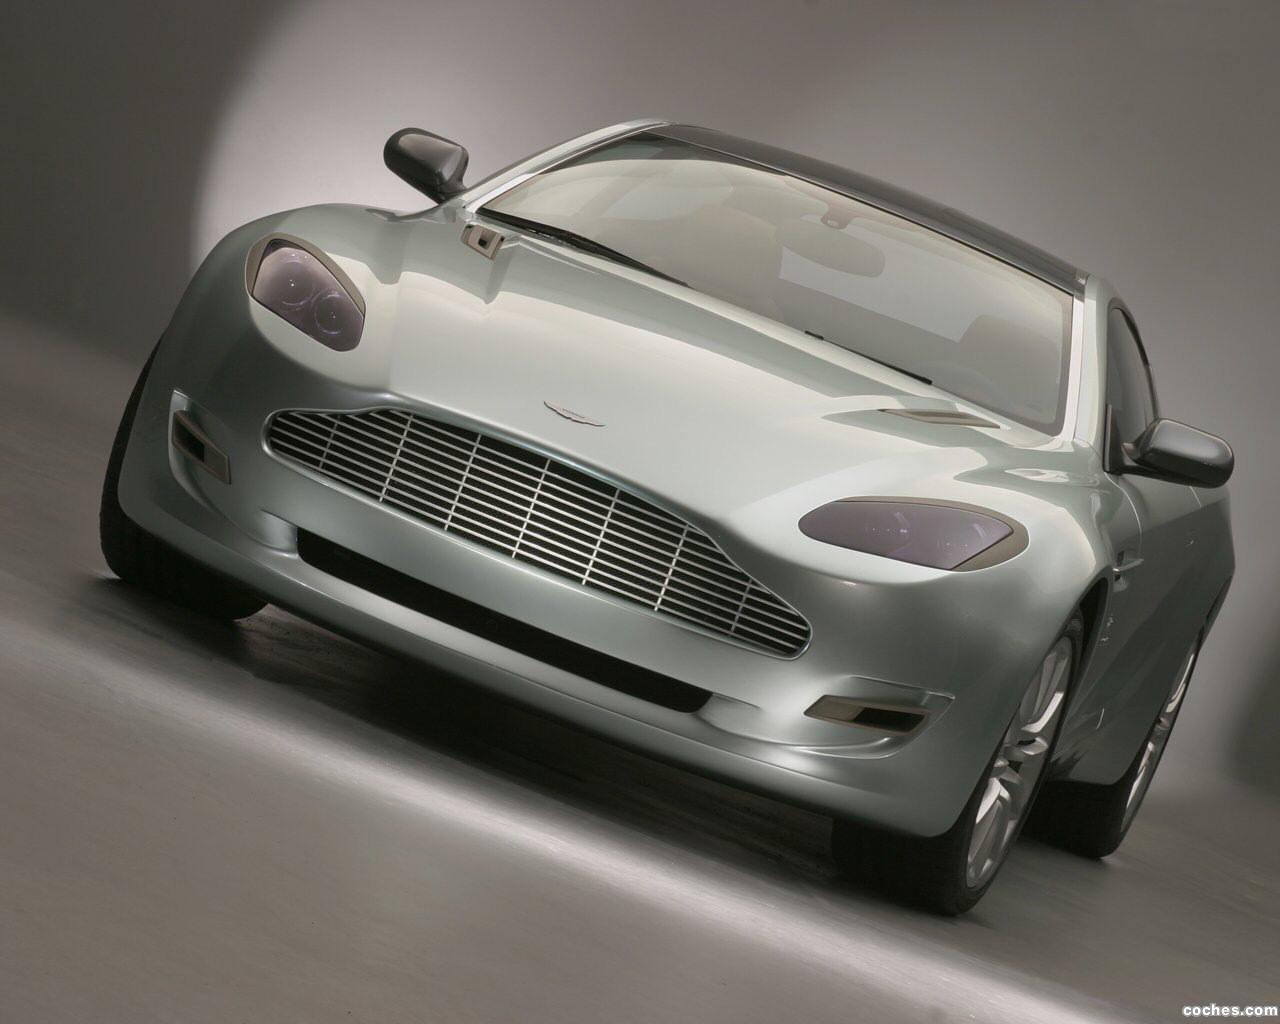 Foto 0 de Aston Martin Vanquish Bertone Jet 2 2004